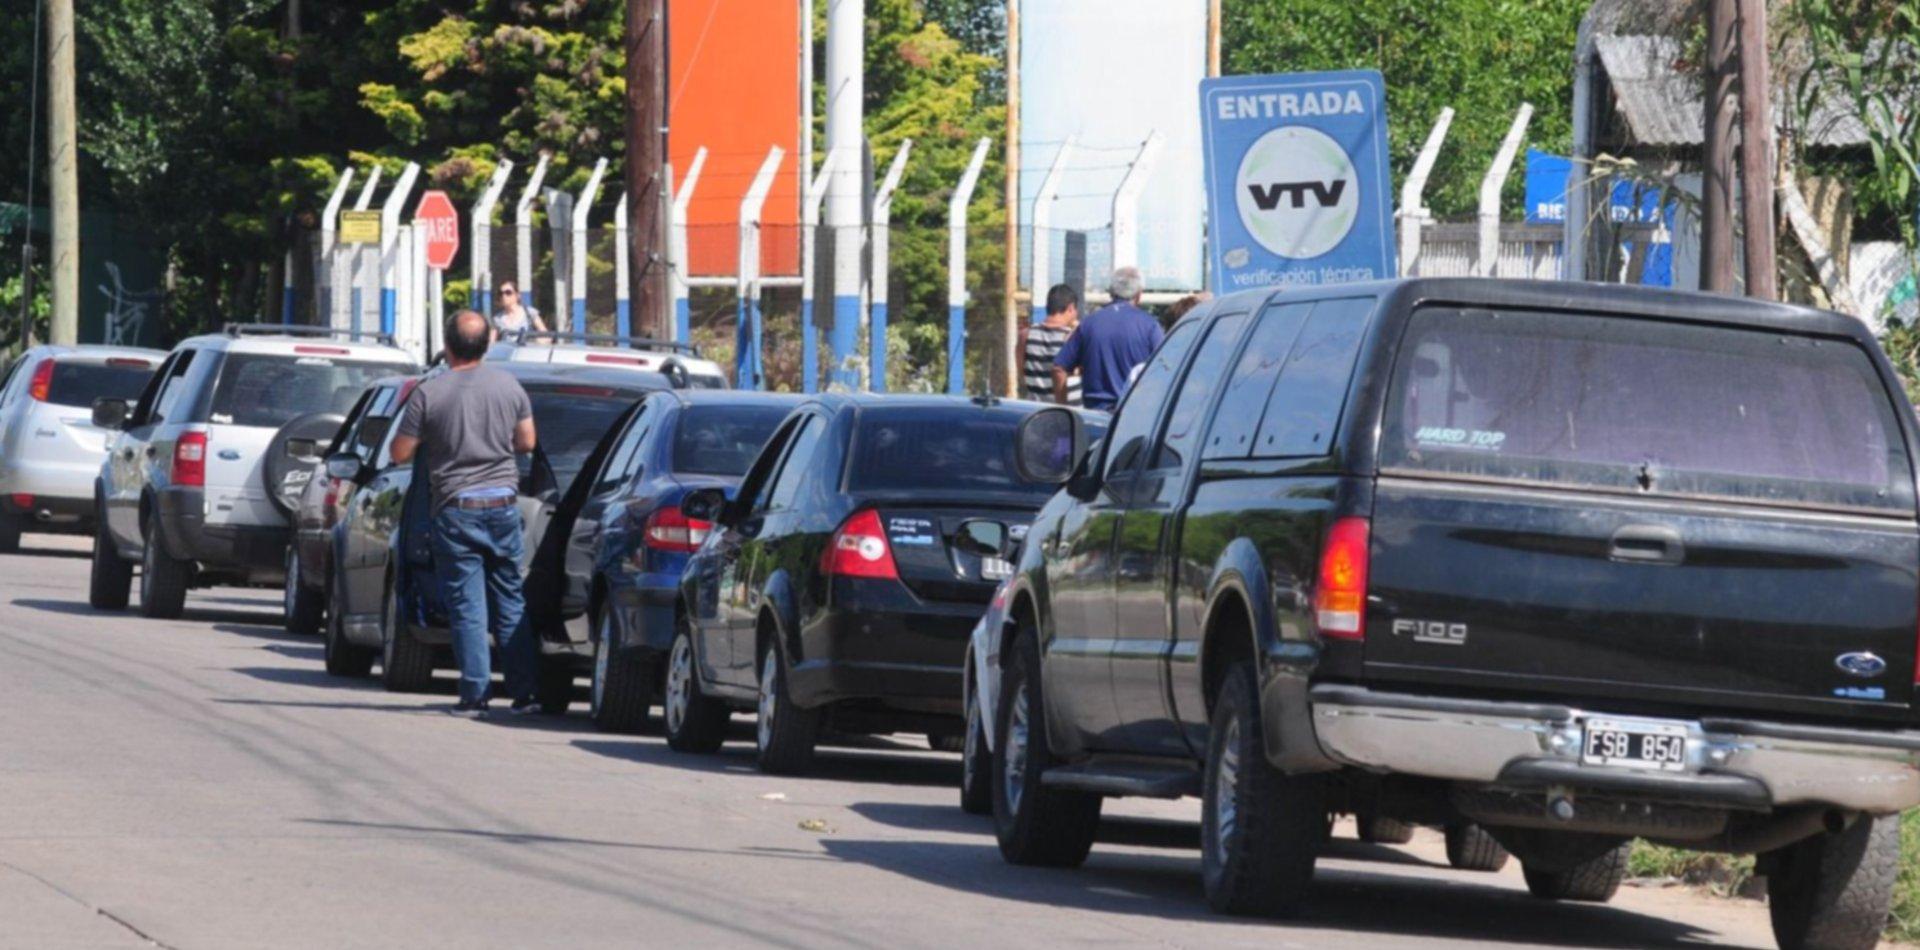 La VTV subió otro 26% y hacer la verificación de un auto liviano cuesta más de $1.100